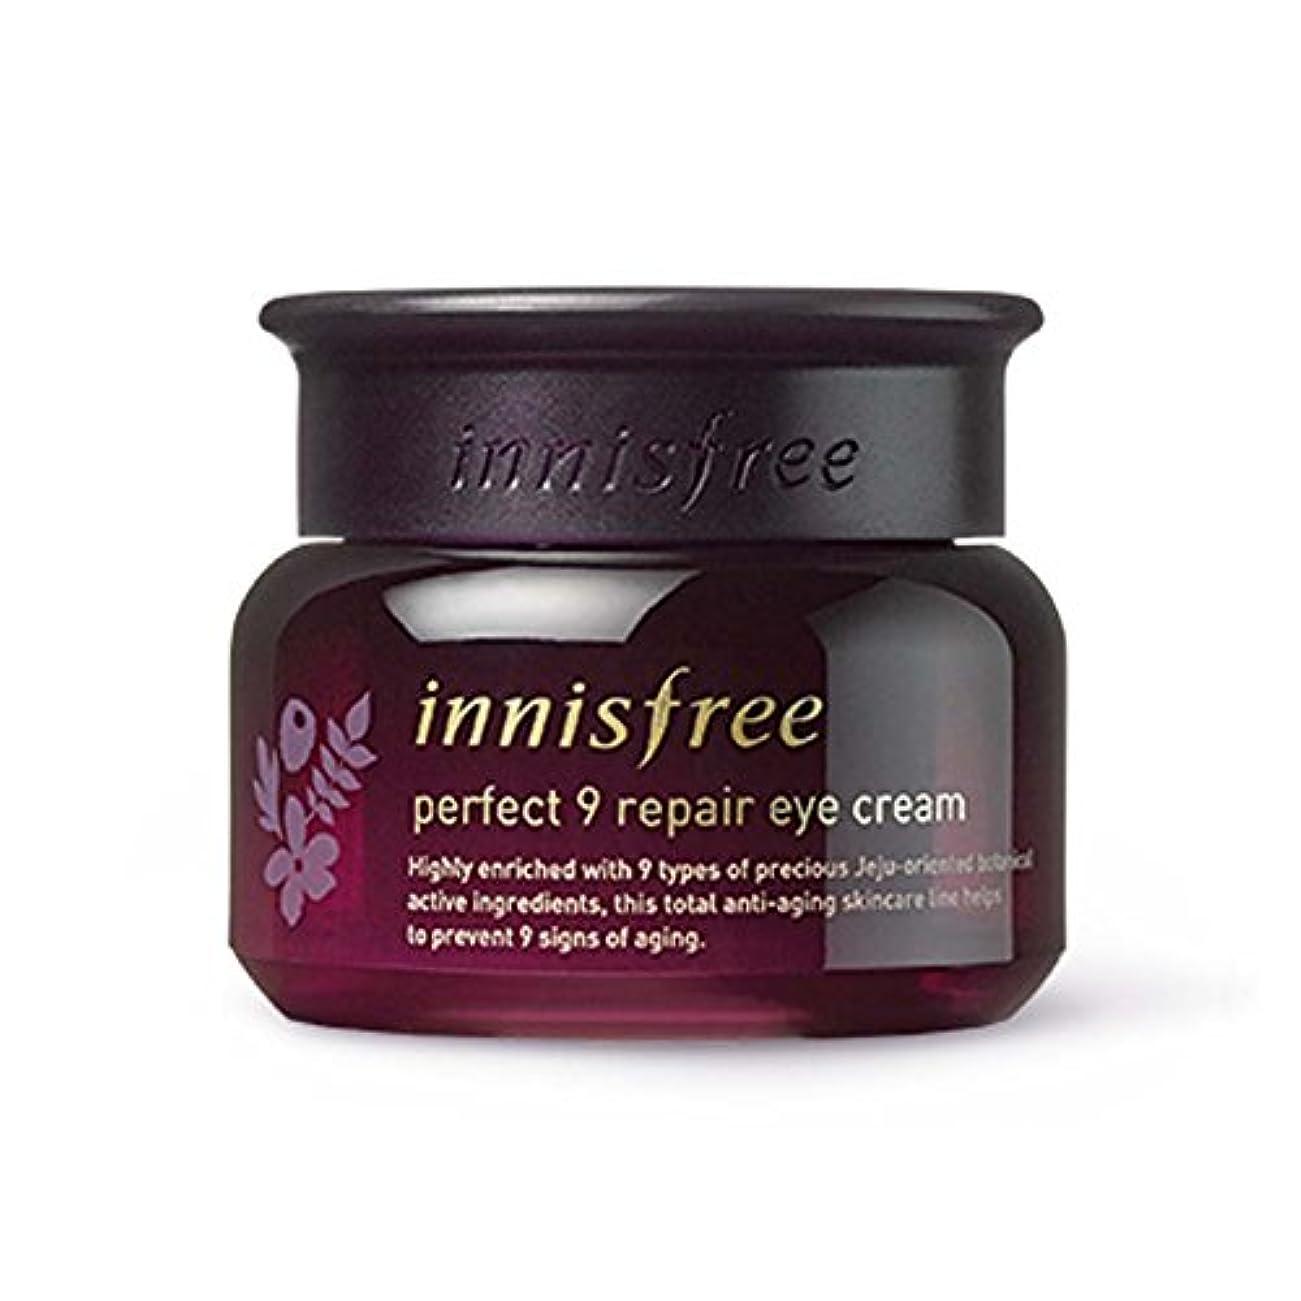 私たち自身意欲吸収する【innisfree】イニスフリー パーフェクト9 リペアアイクリーム 30ml(Perfect 9 repair eye cream 30ml)